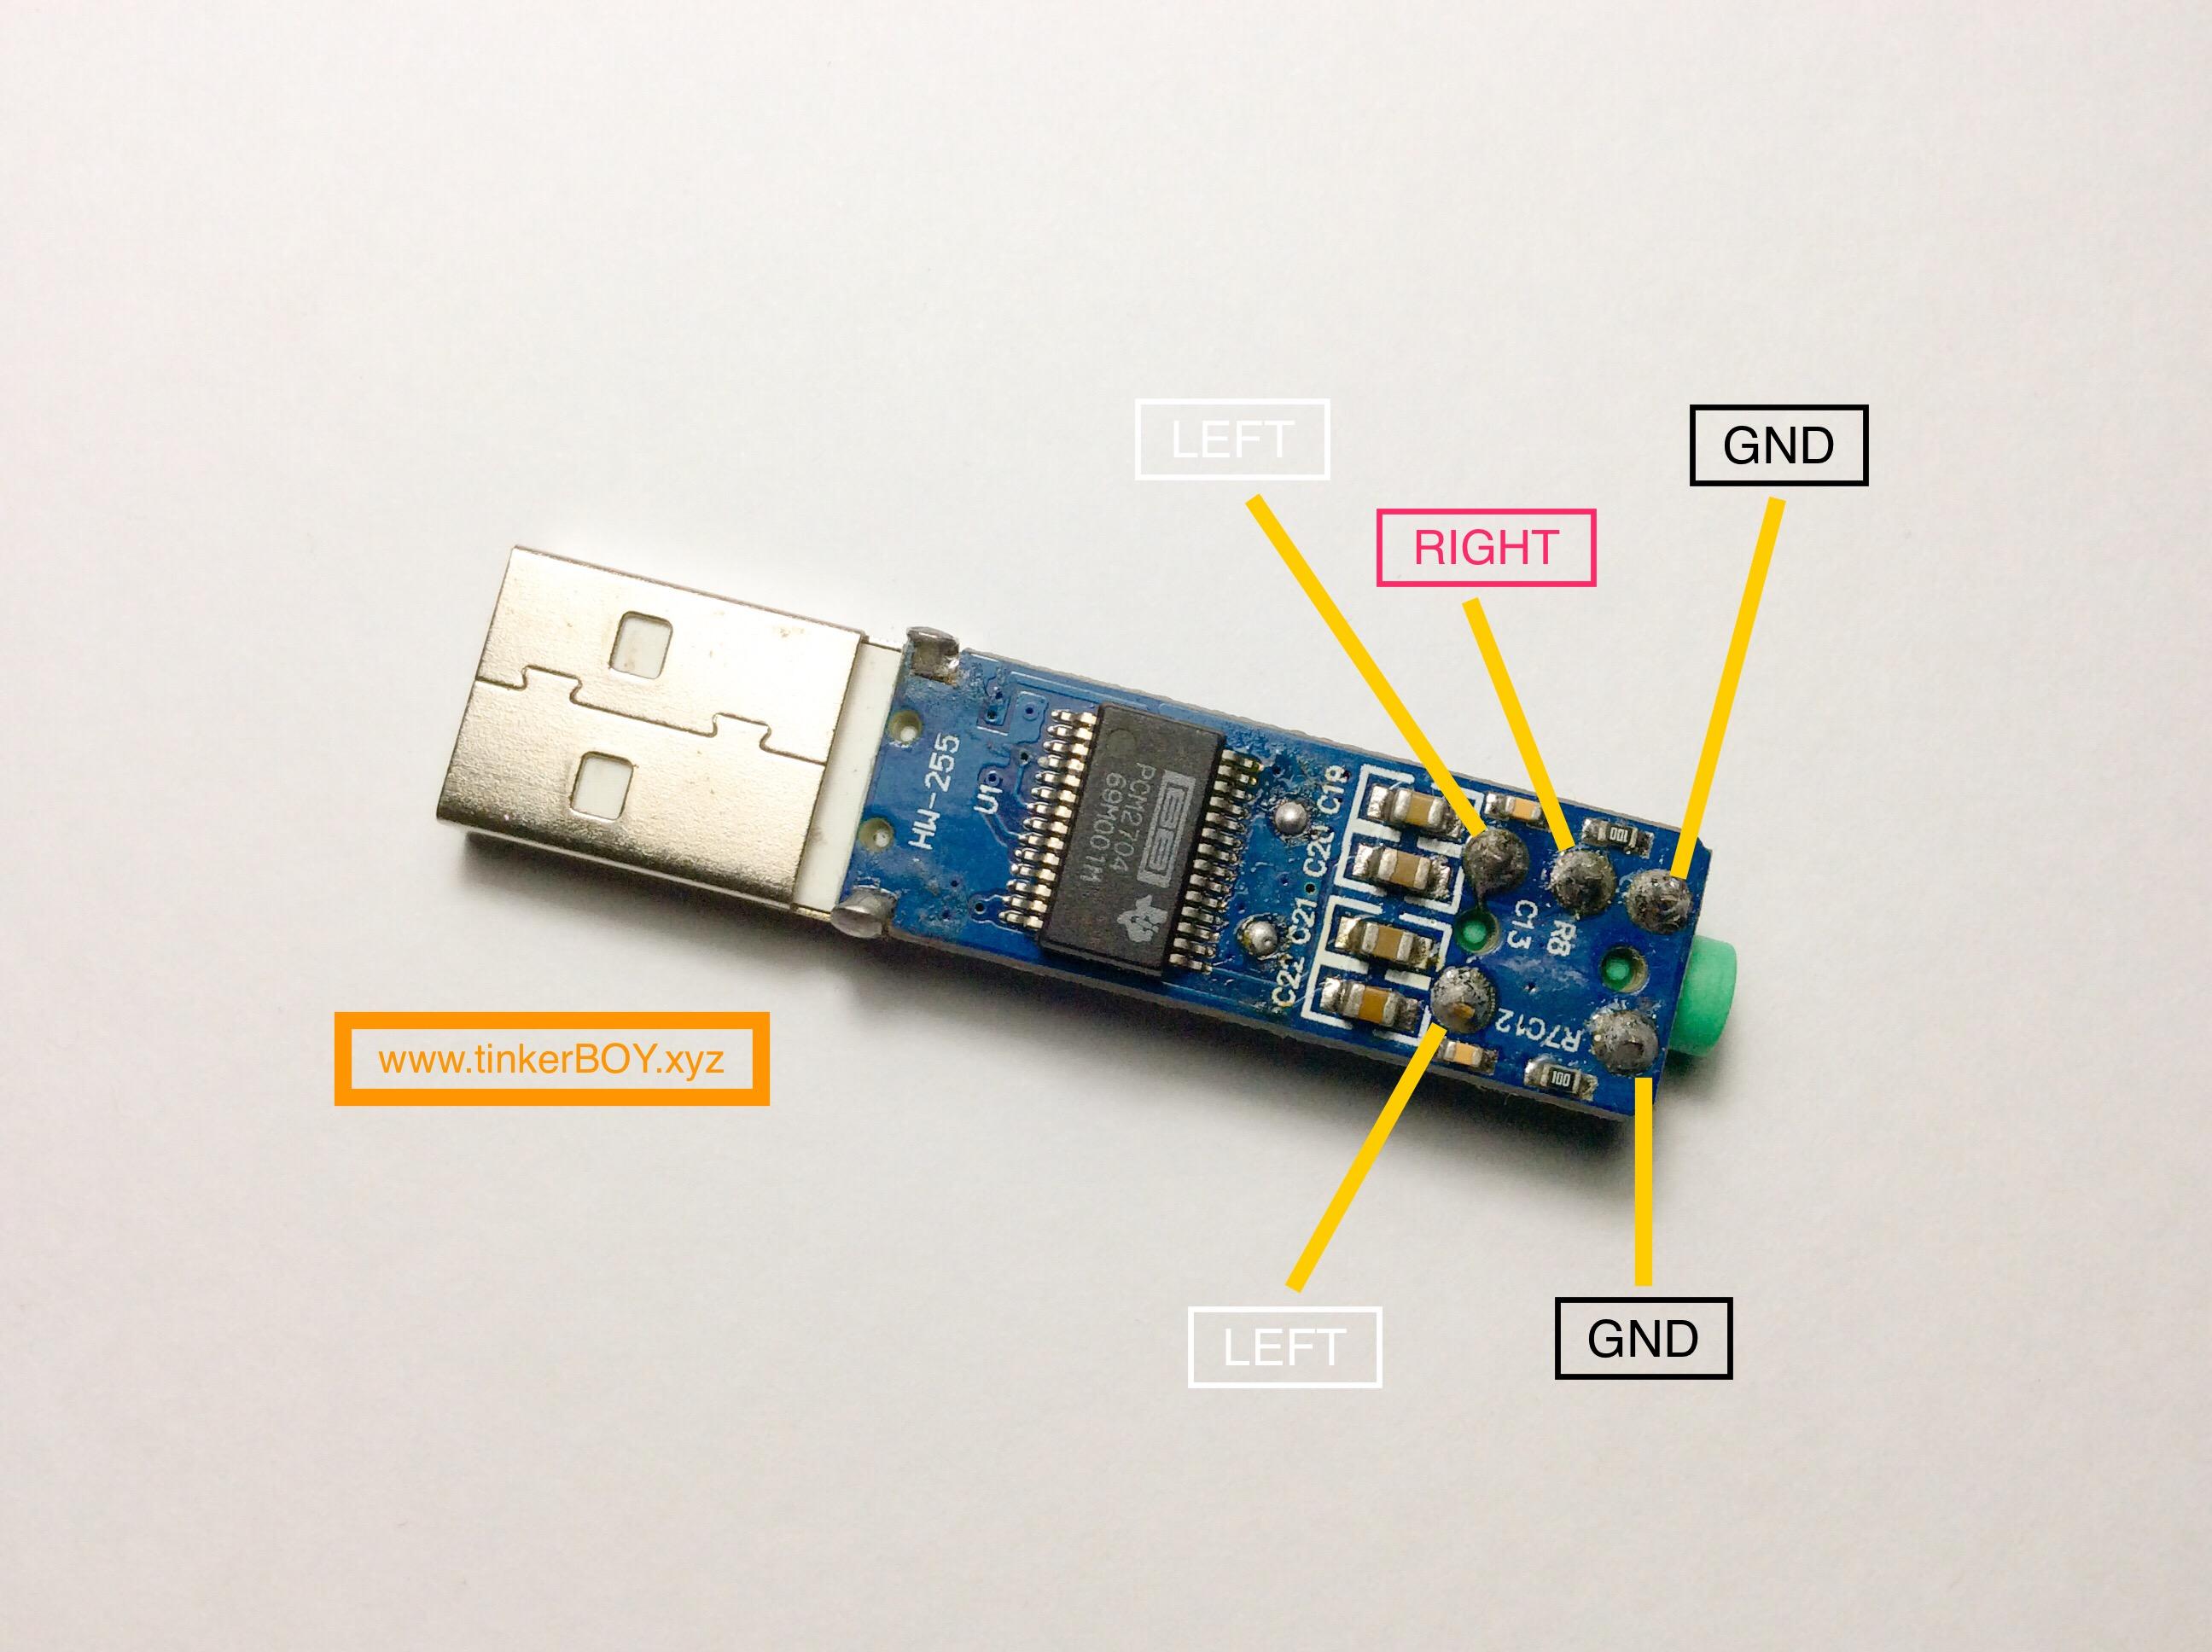 USB Archives - tinkerBOY [ 1936 x 2592 Pixel ]